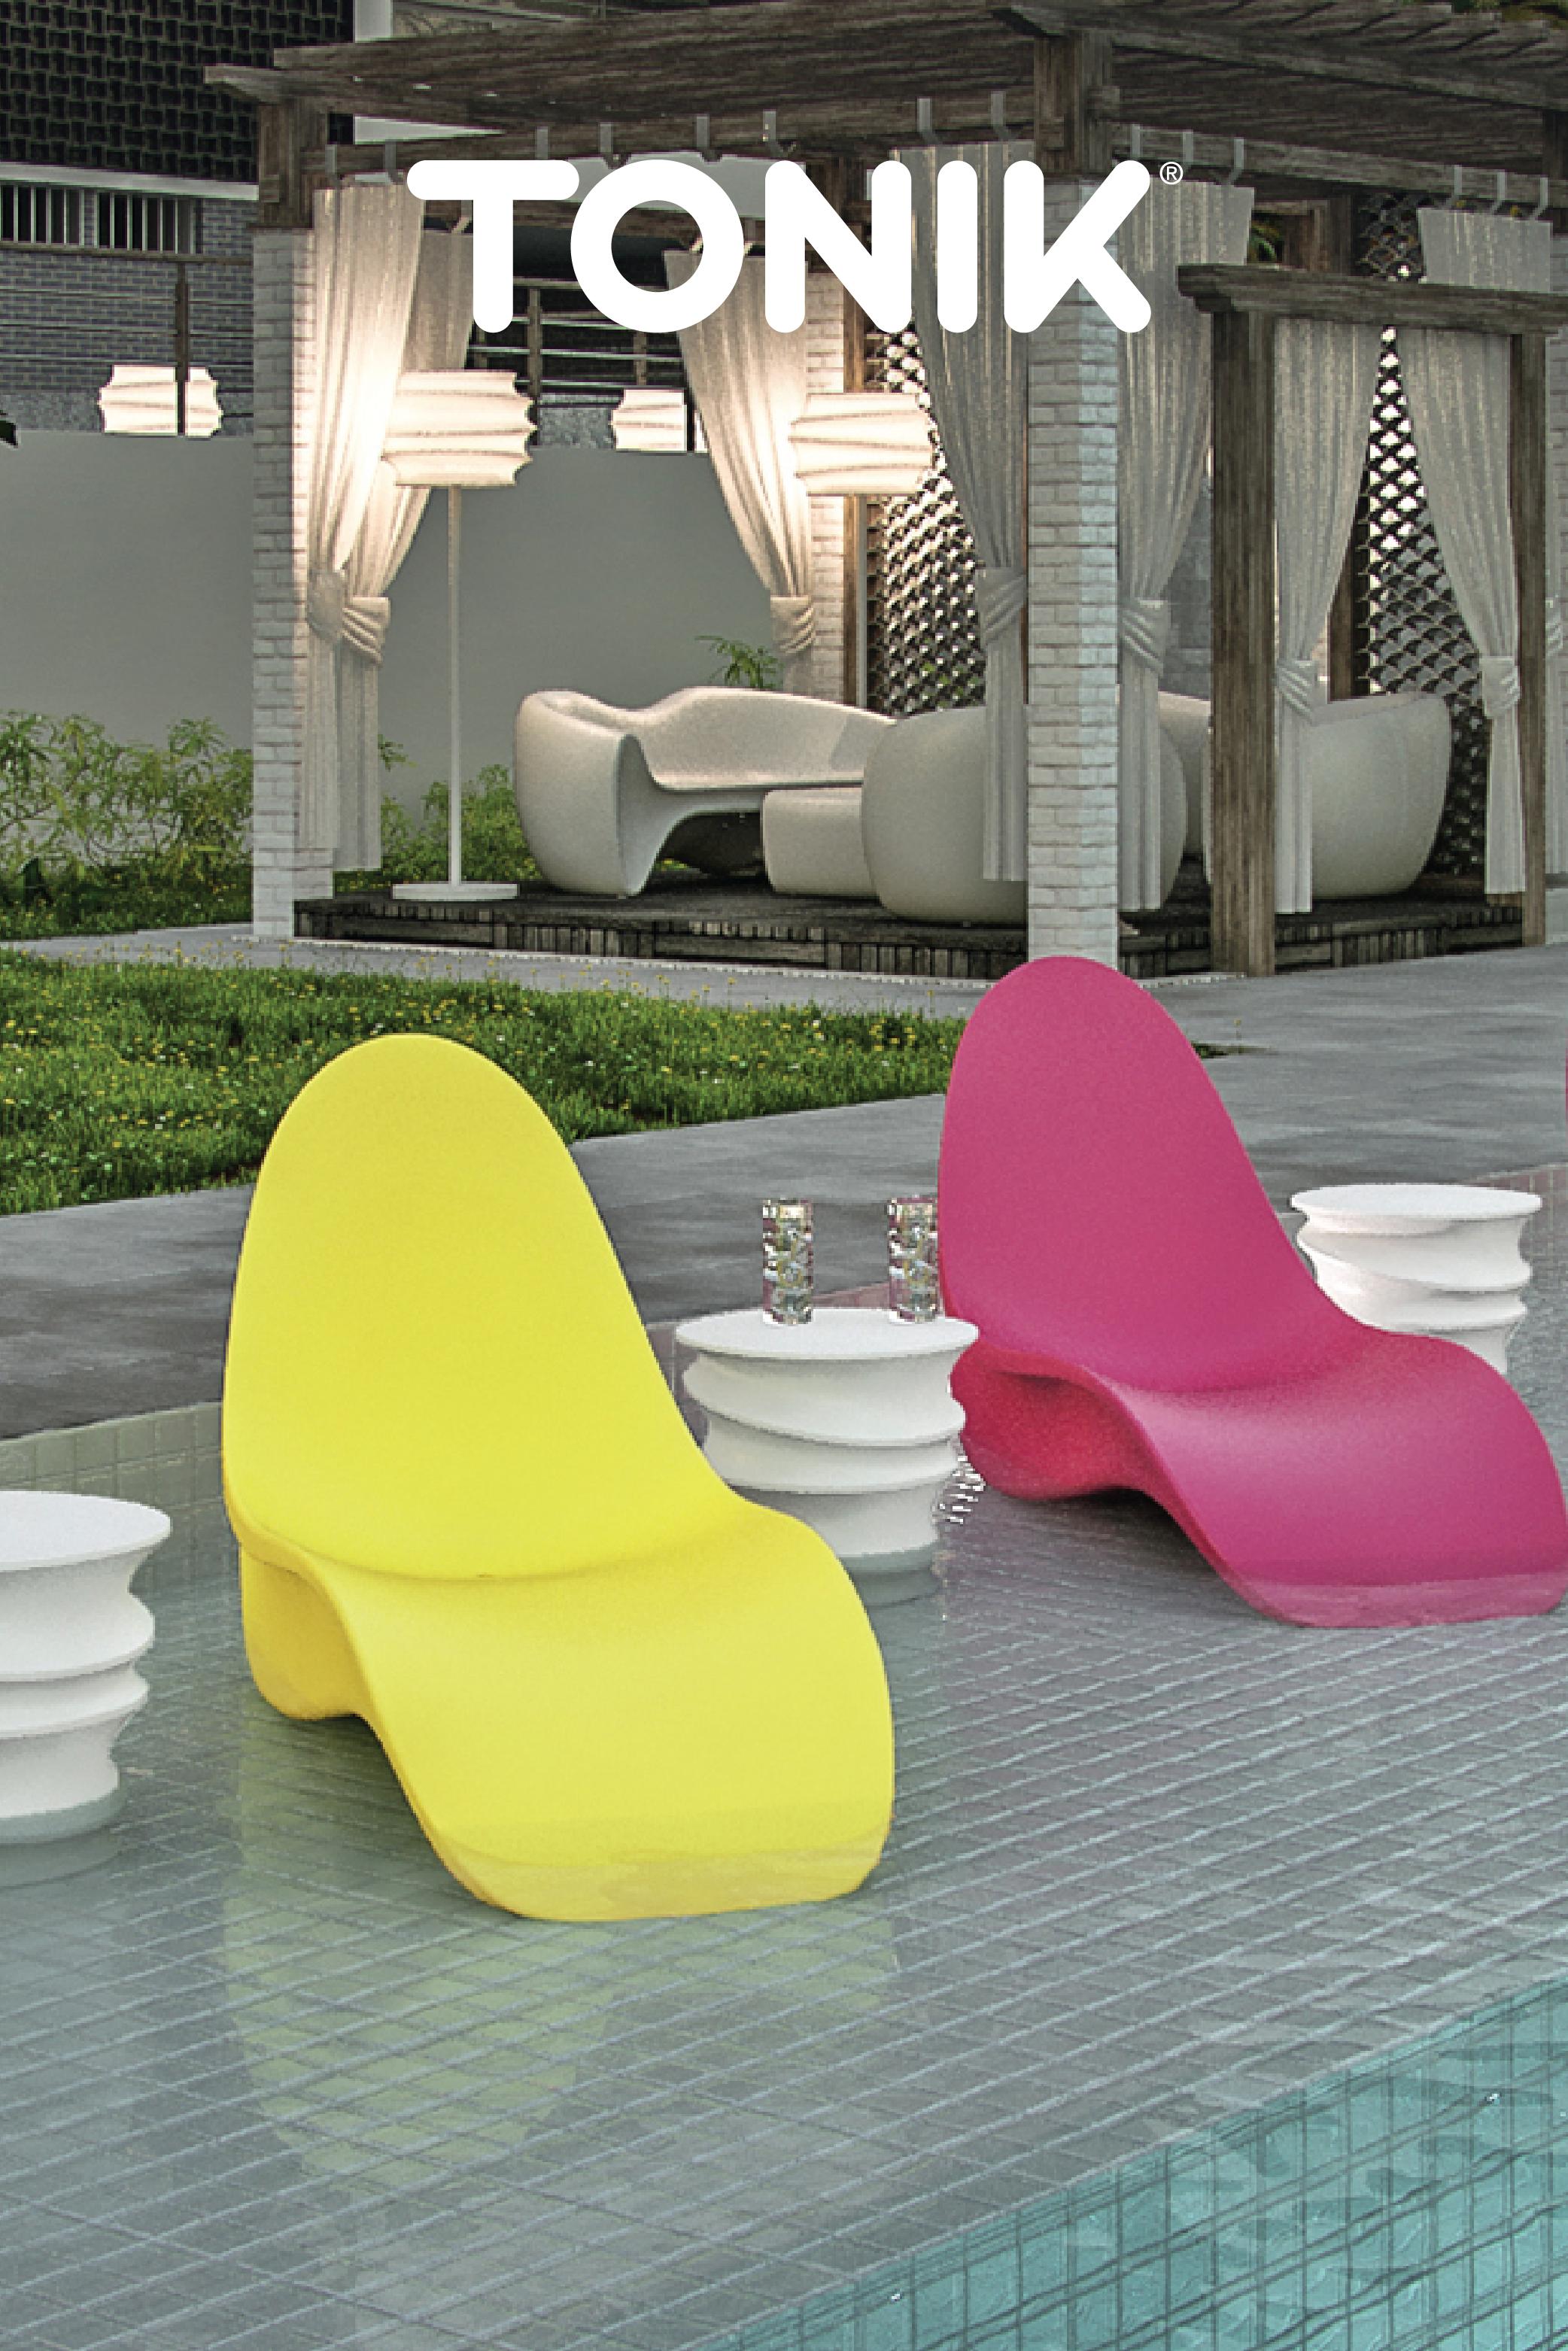 Bikini Lounger | Modern Poolside Lounge Chair | Tonik in ...